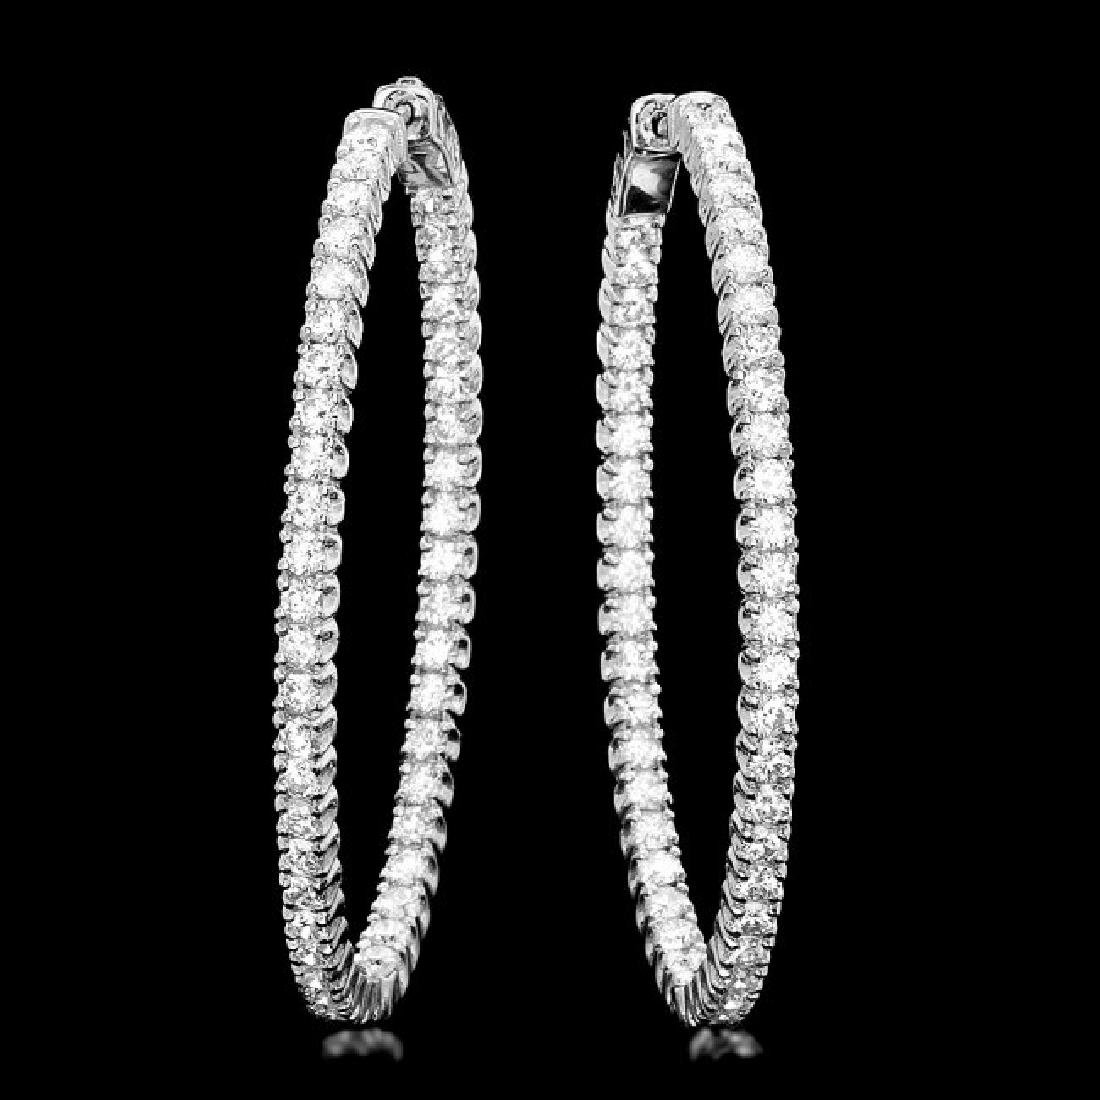 14k White Gold 5.20ct Diamond Earrings